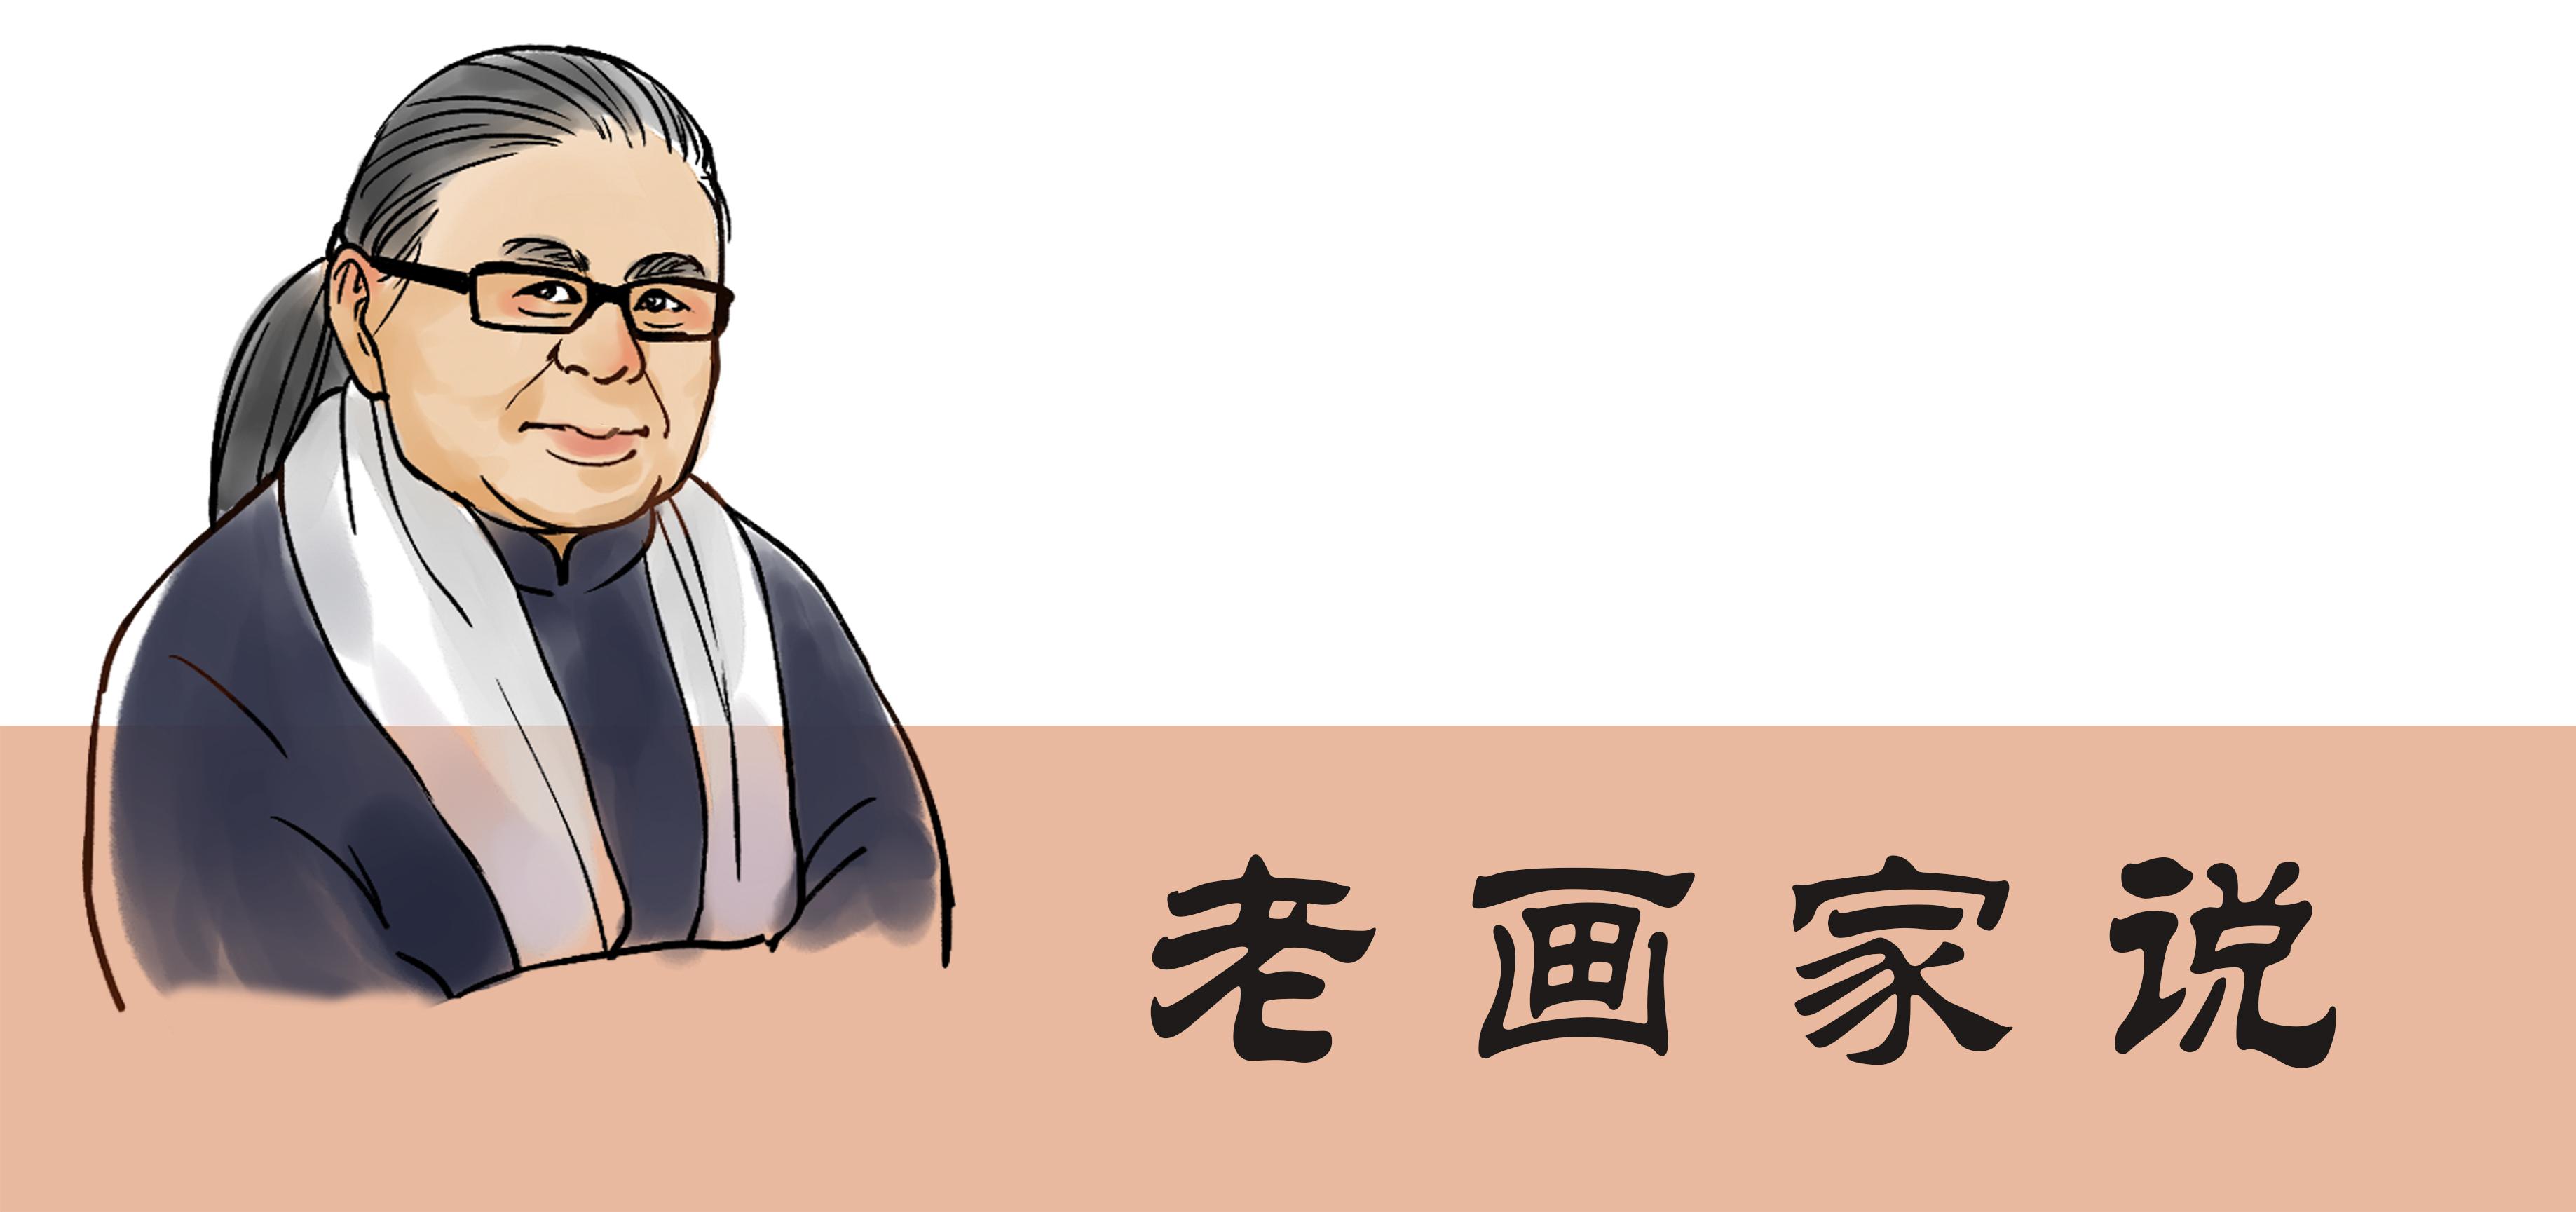 杨大大说 - 模板(3).jpg